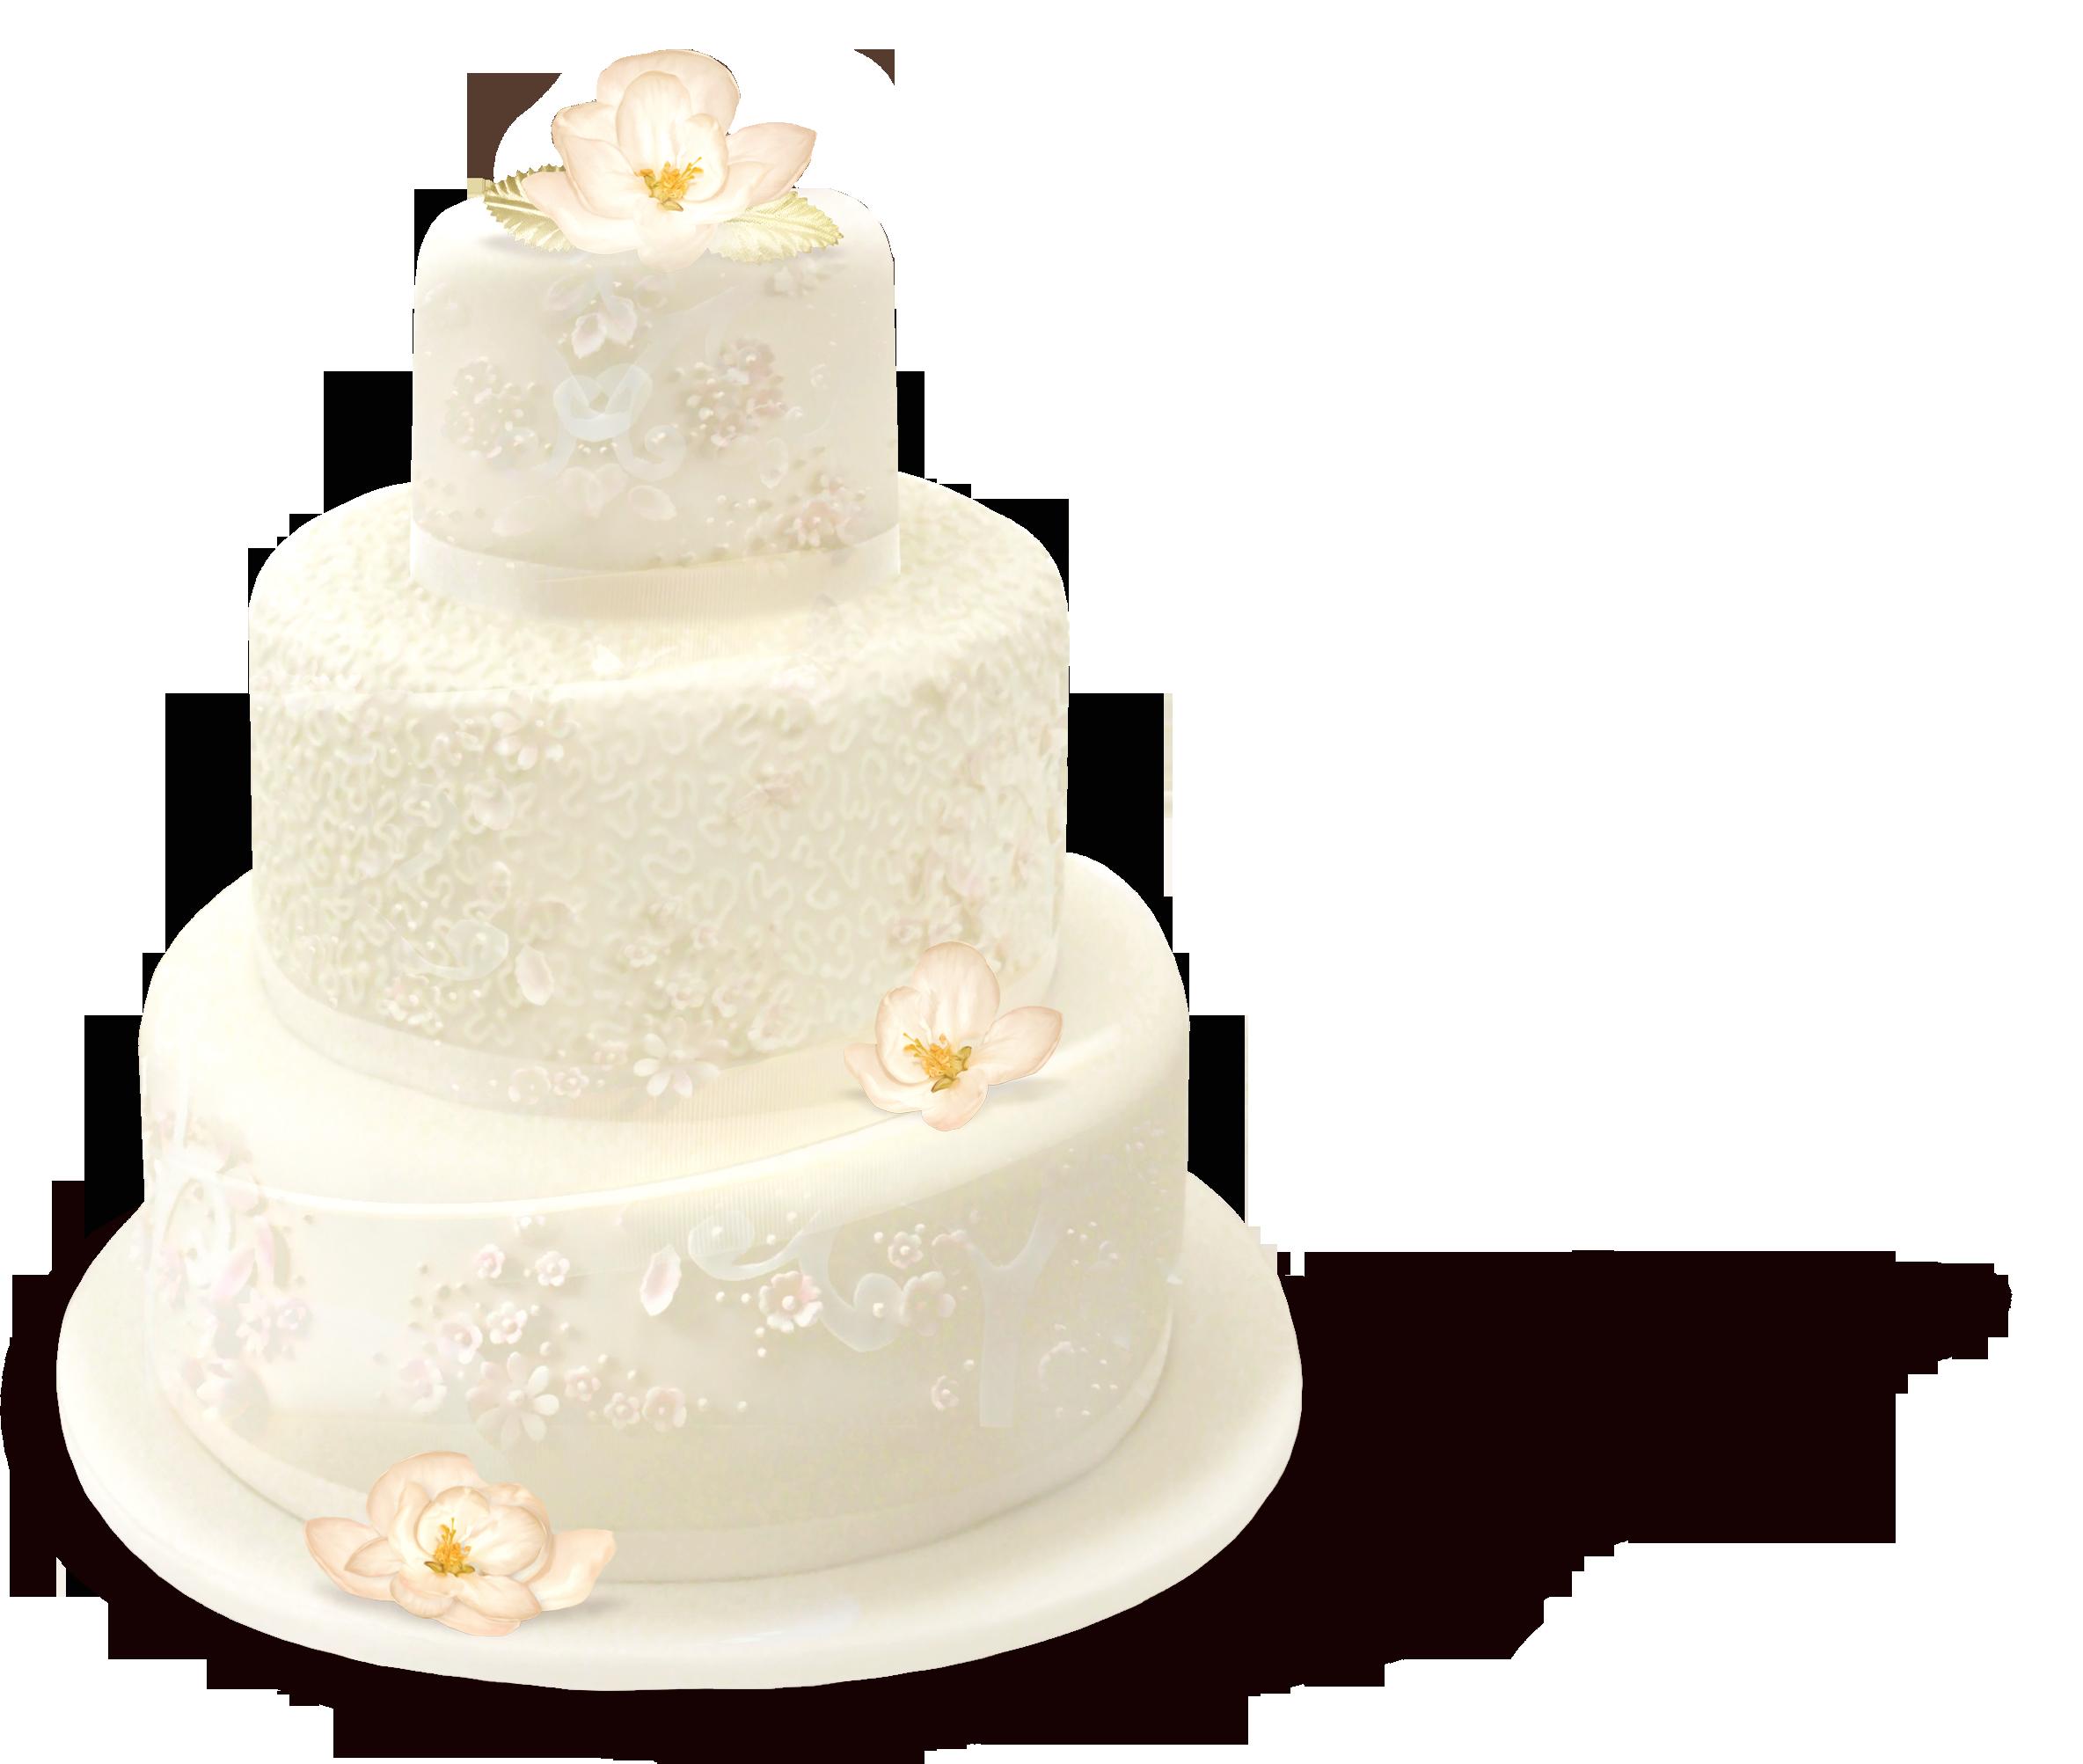 Wedding Cake HD PNG - 93117